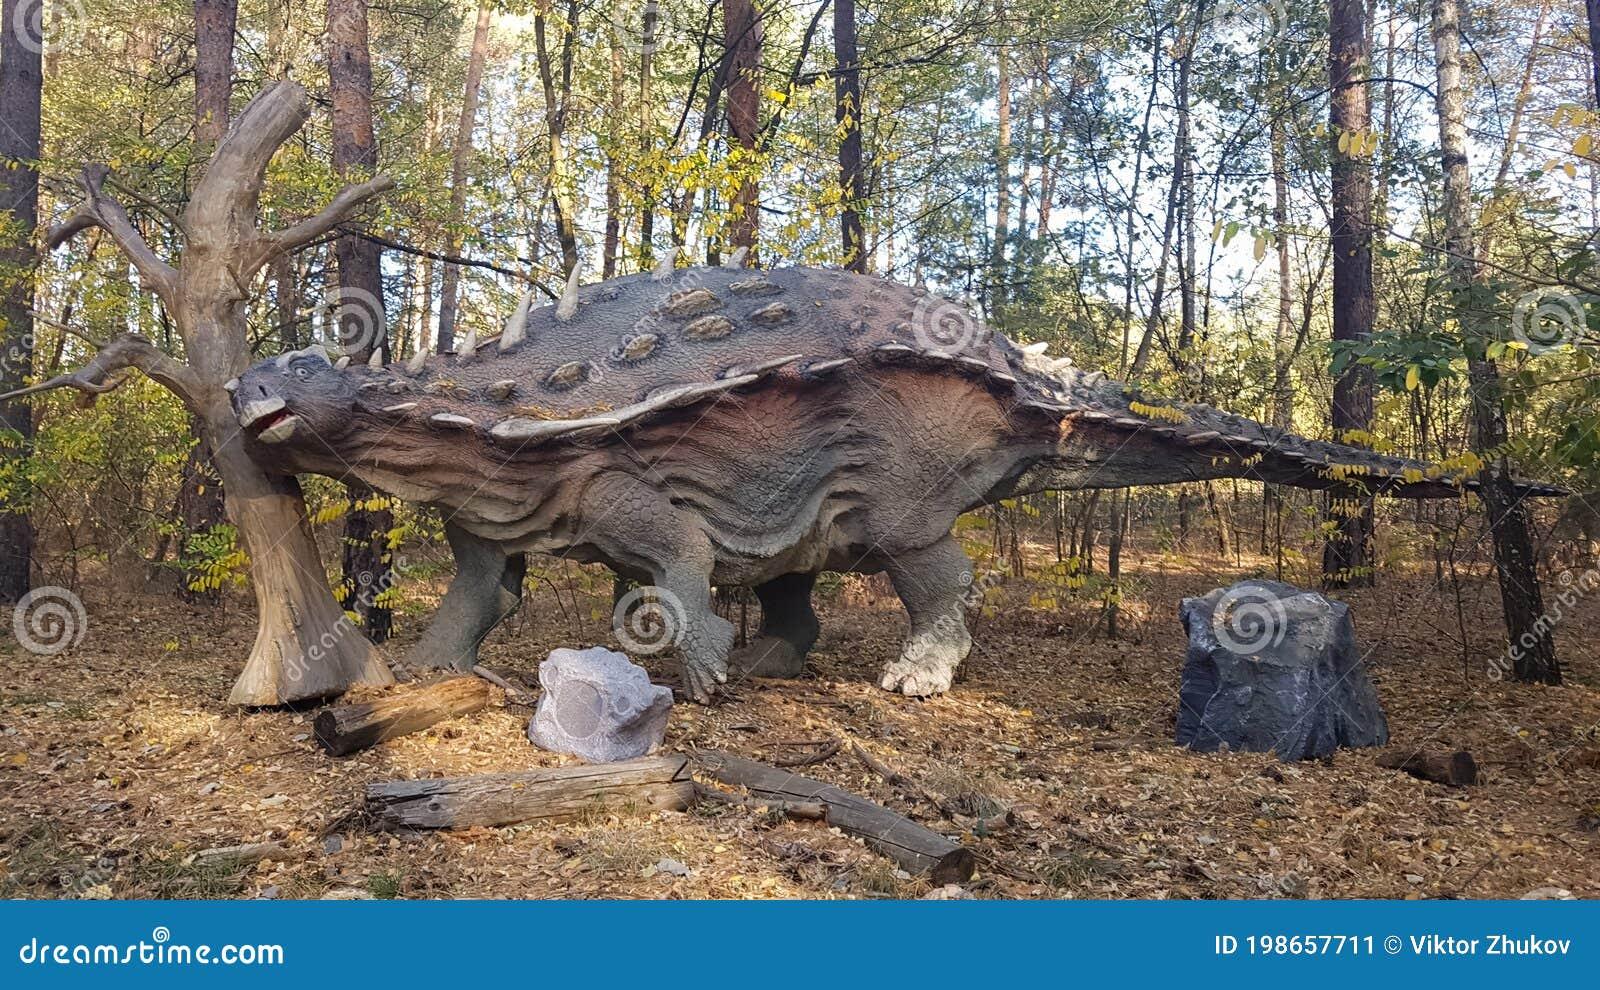 Gastonia Es Un Genero De Dinosaurios Herbivoros Que Vivieron Hace 127 121 Millones De Anos Imagen De Archivo Imagen De Anos Gastonia 198657711 En nuestra sección de juegos de dinosaurios podrás indagar en más de 90 juegos diferentes que hacen. dreamstime